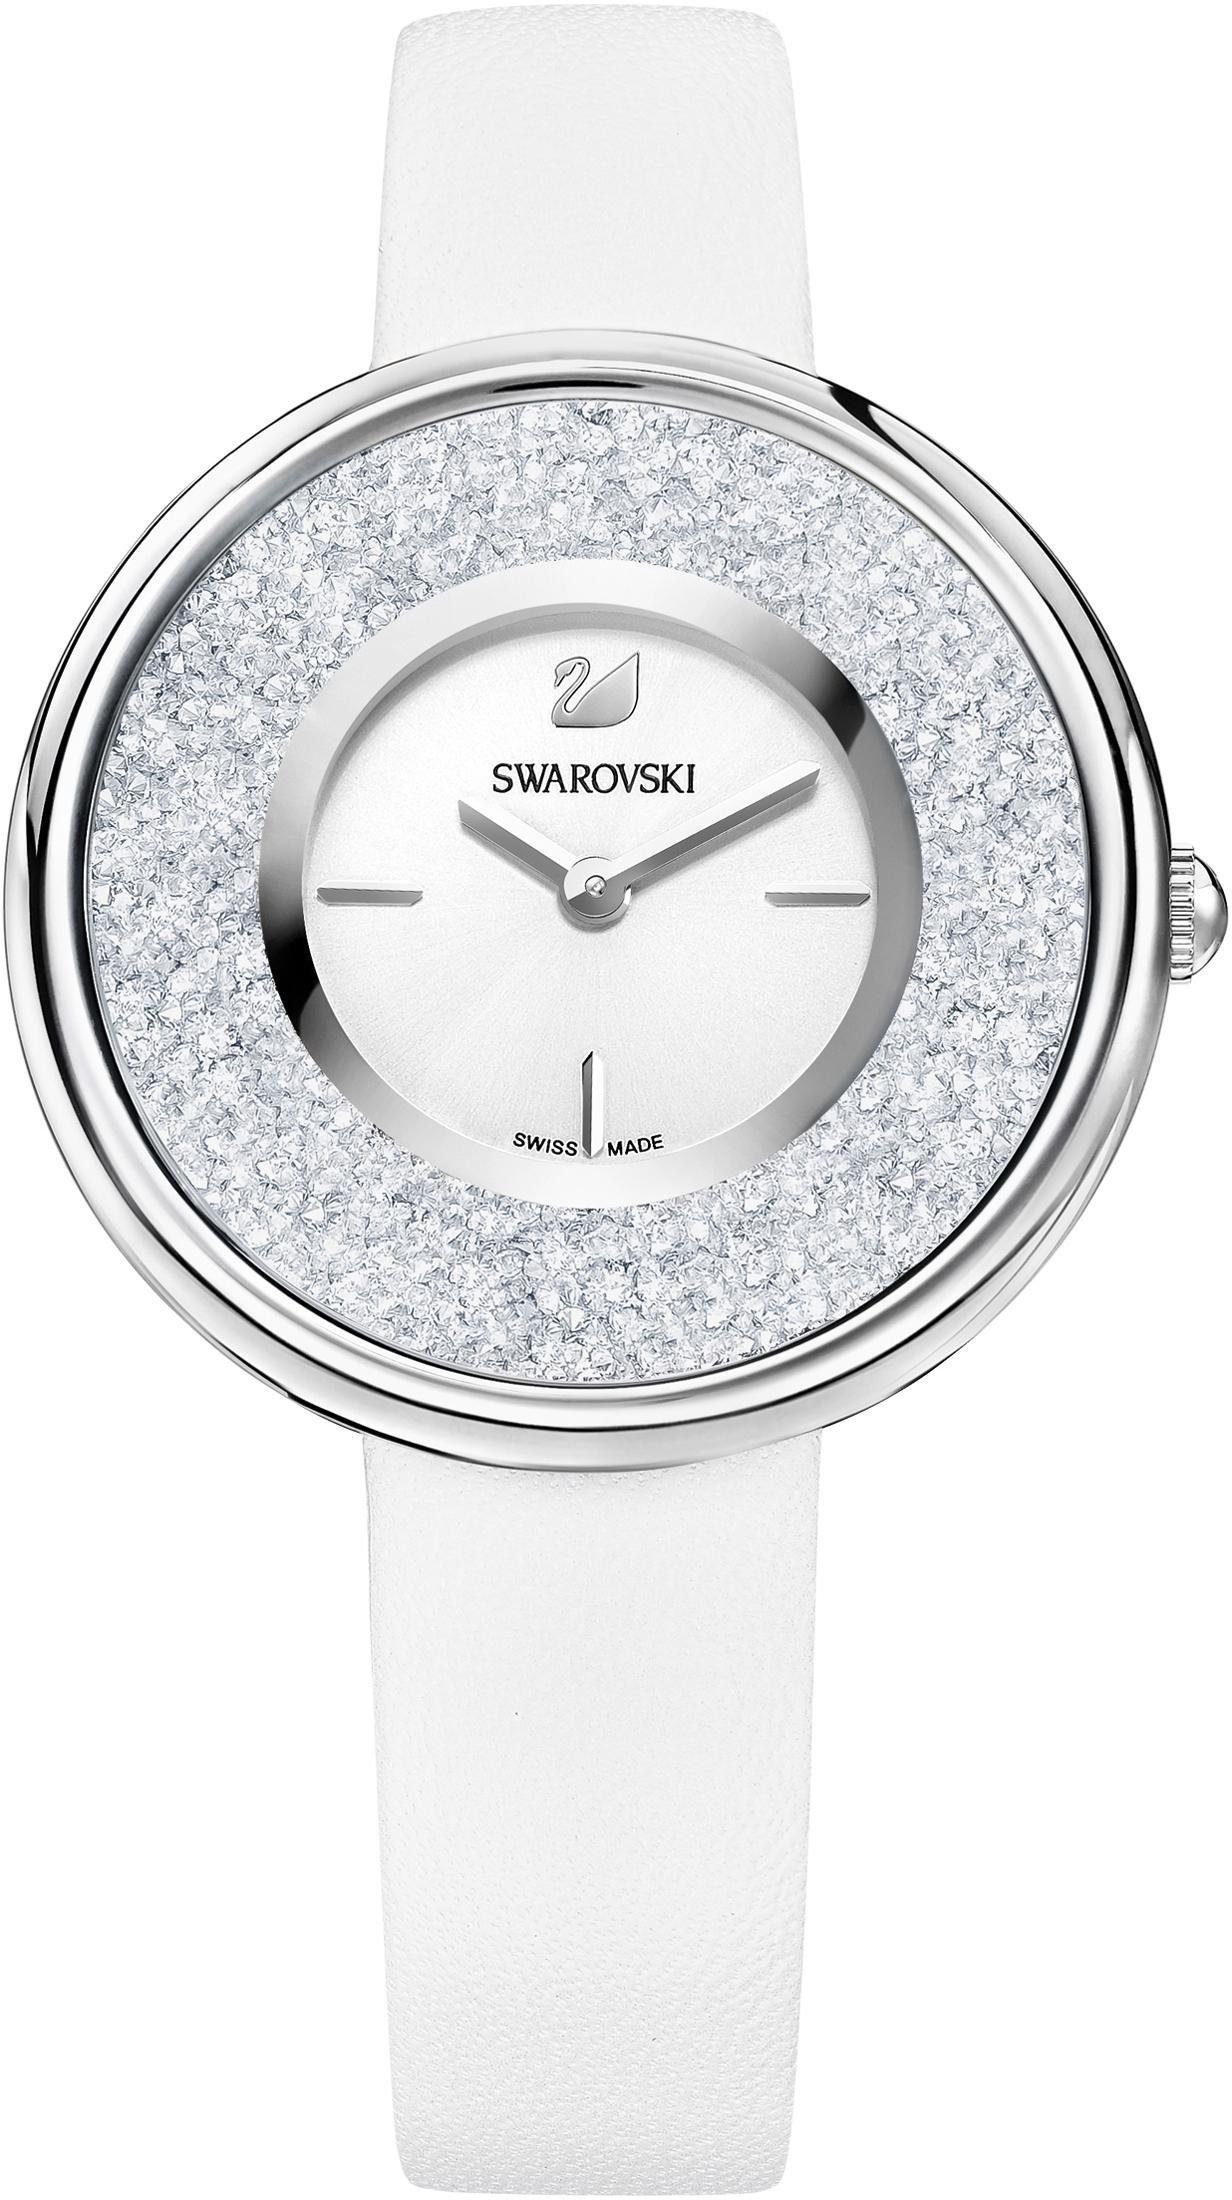 Swarovski Schweizer Uhr »Crystalline Pure Uhr, Lederarmband, weiss, silberfarben, 5275046«